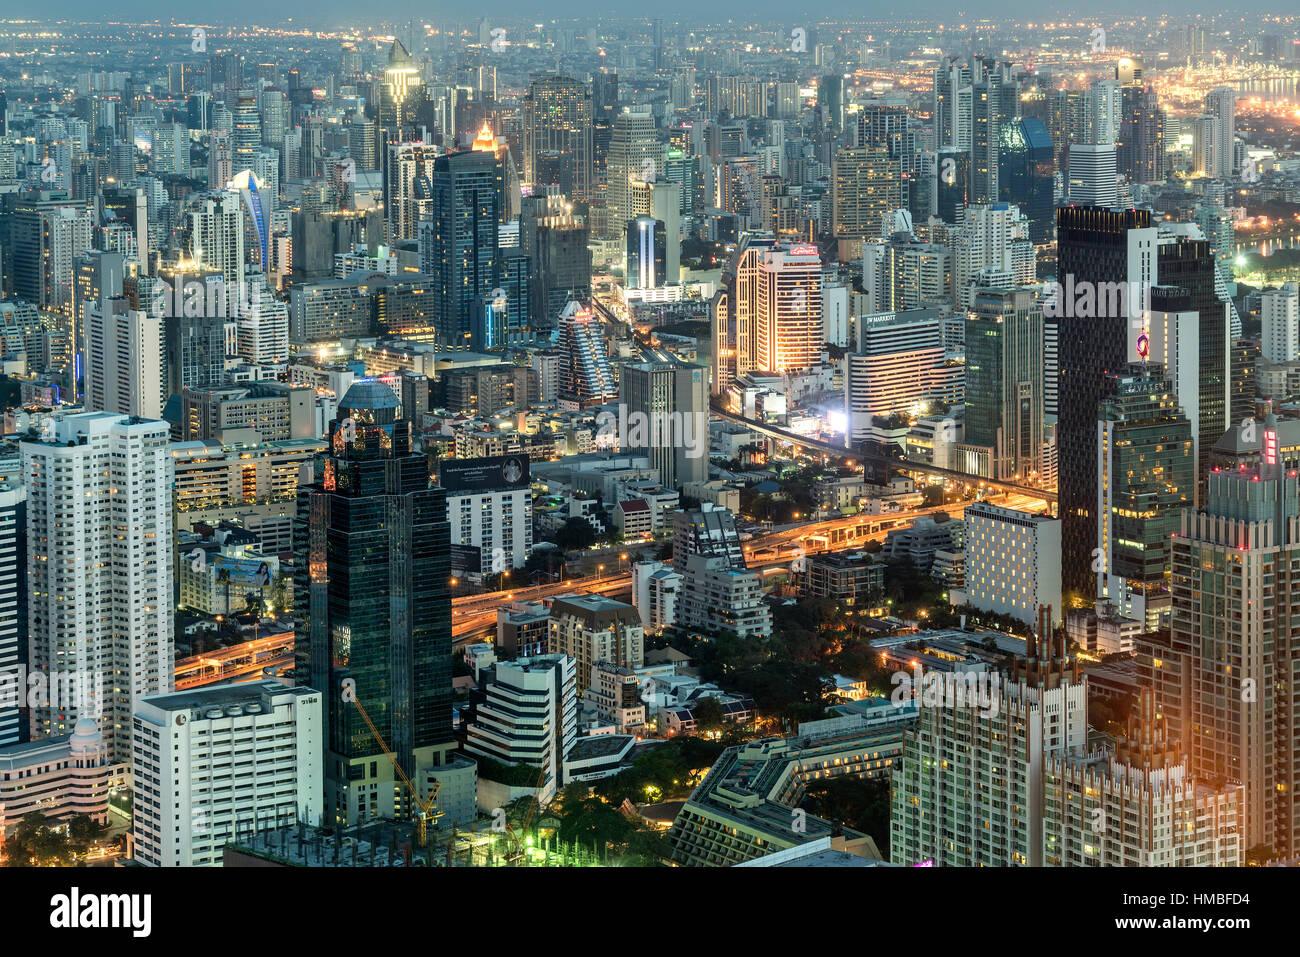 Skyline and cityscape at dusk,  Bangkok, Thailand, Asia - Stock Image